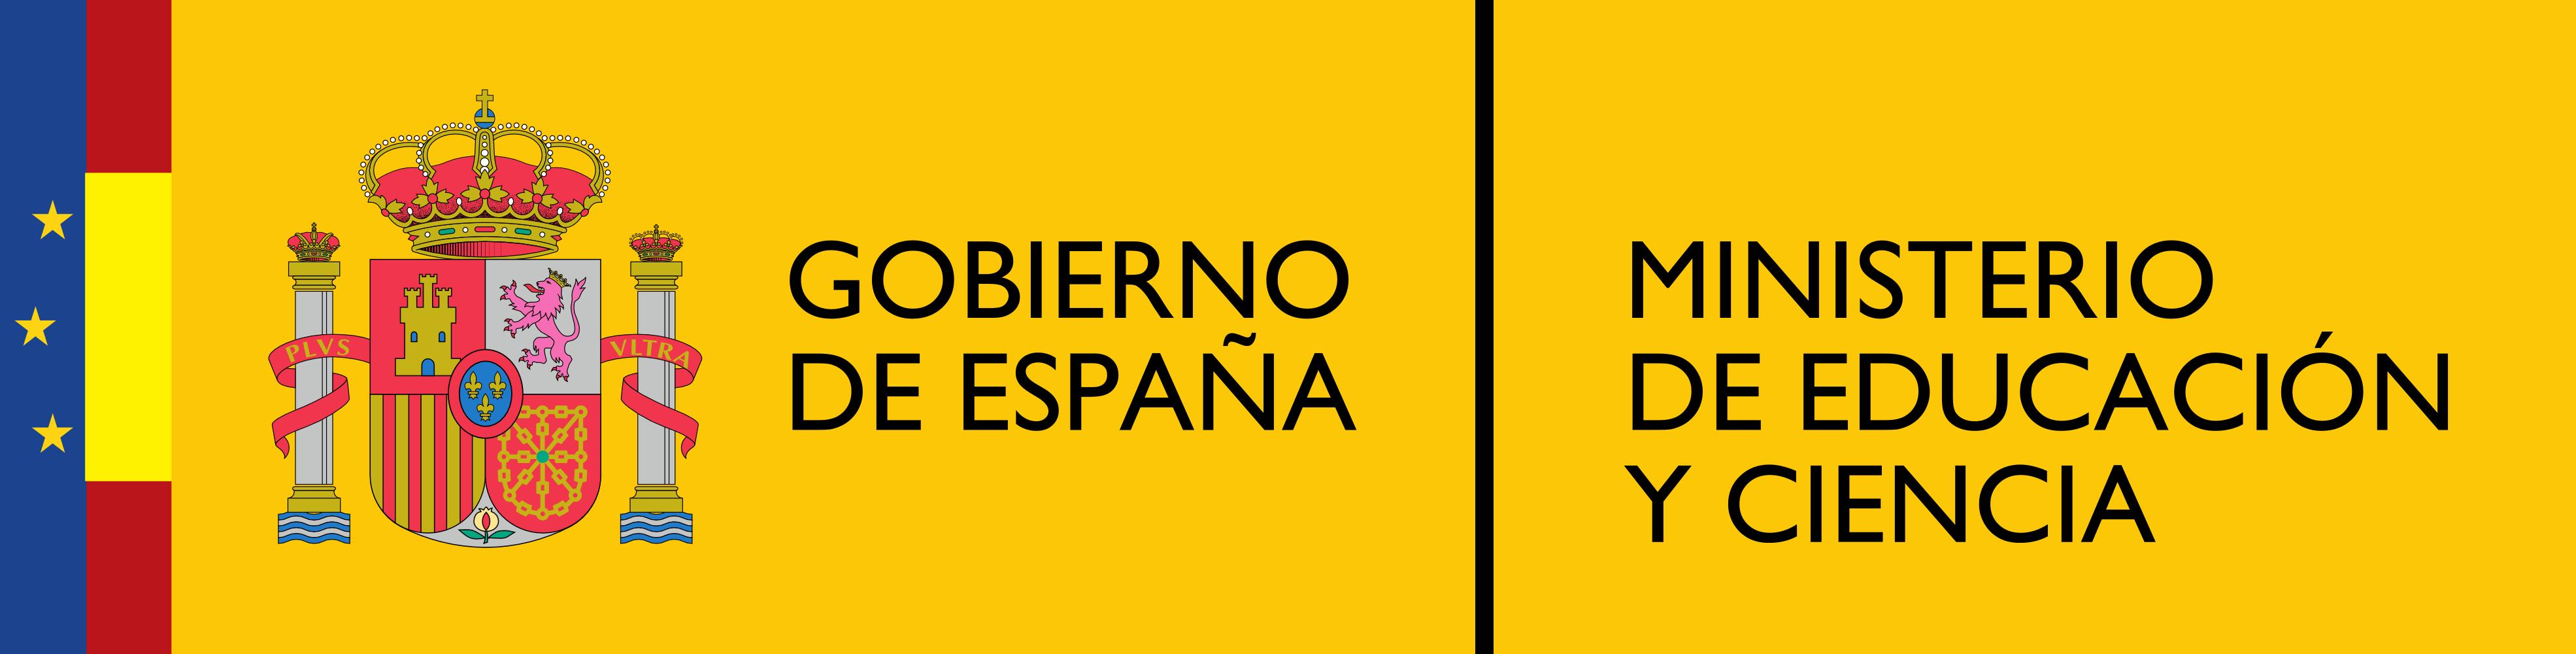 3ª Generación de Mindfulness, gobierno de españa, ministerio de educación y ciencia